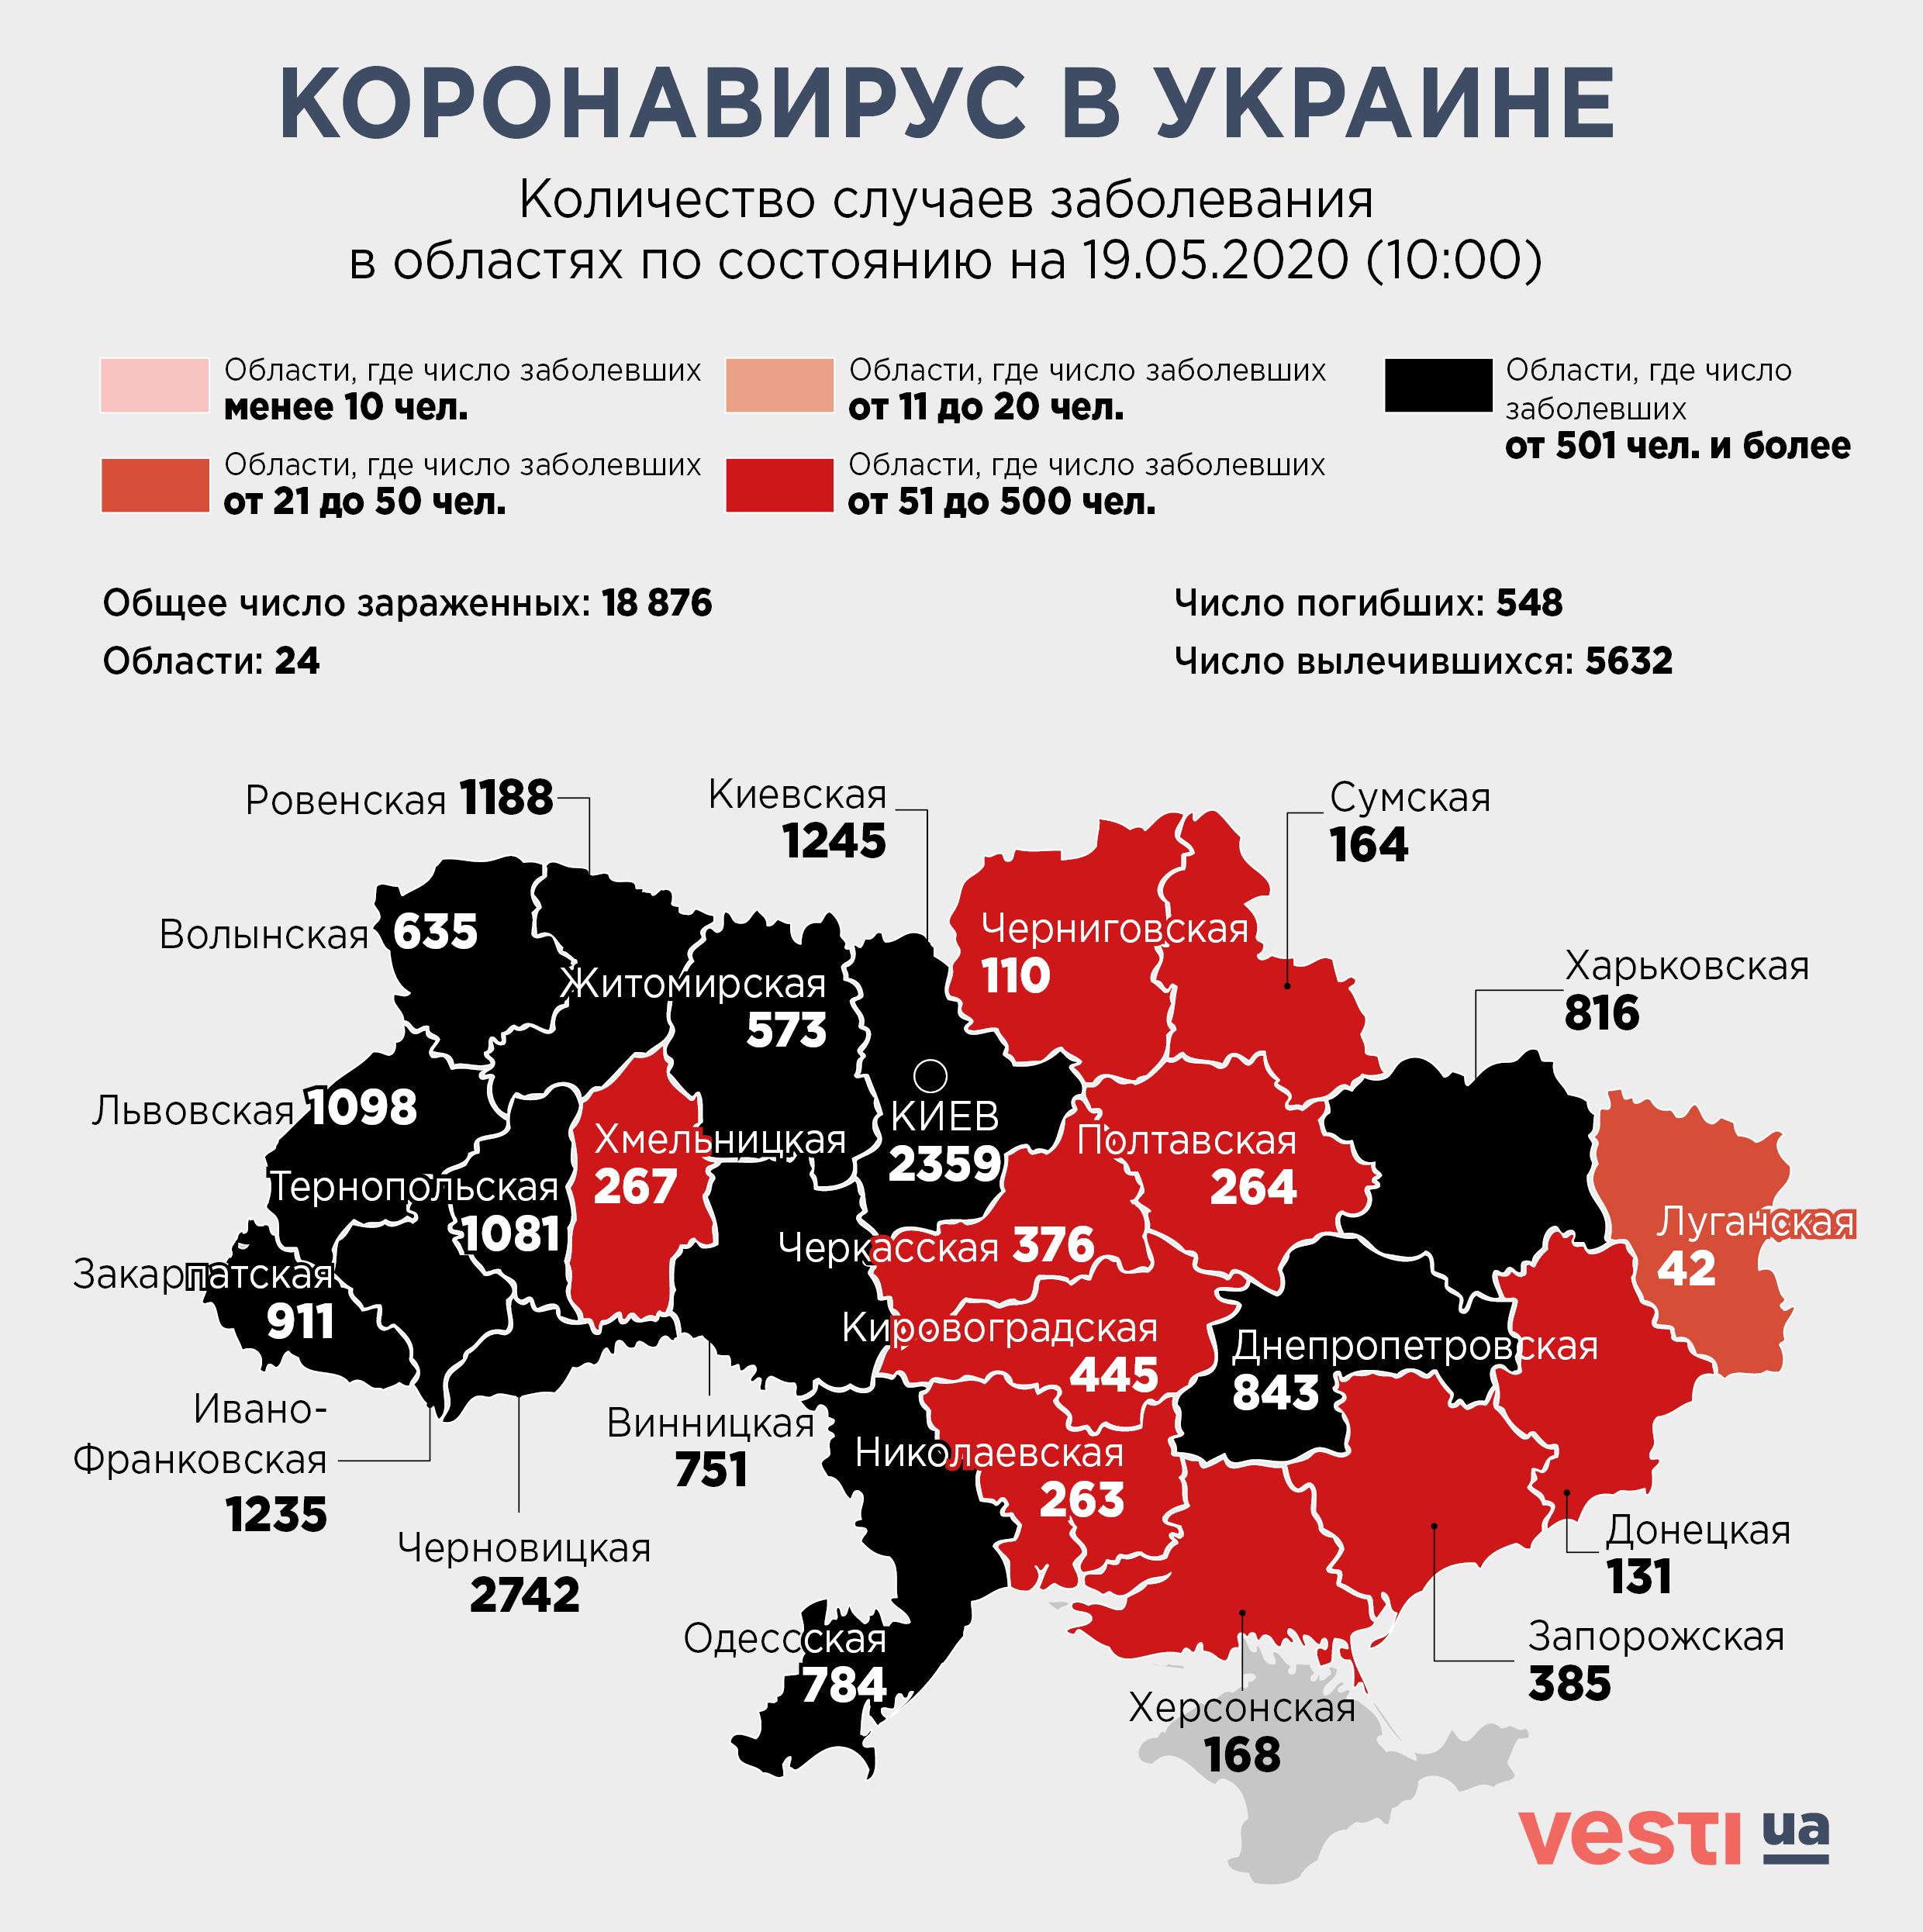 Вселяет надежду - Зеленский прокомментировал ситуацию по Covid-19 в Украине - фото 1